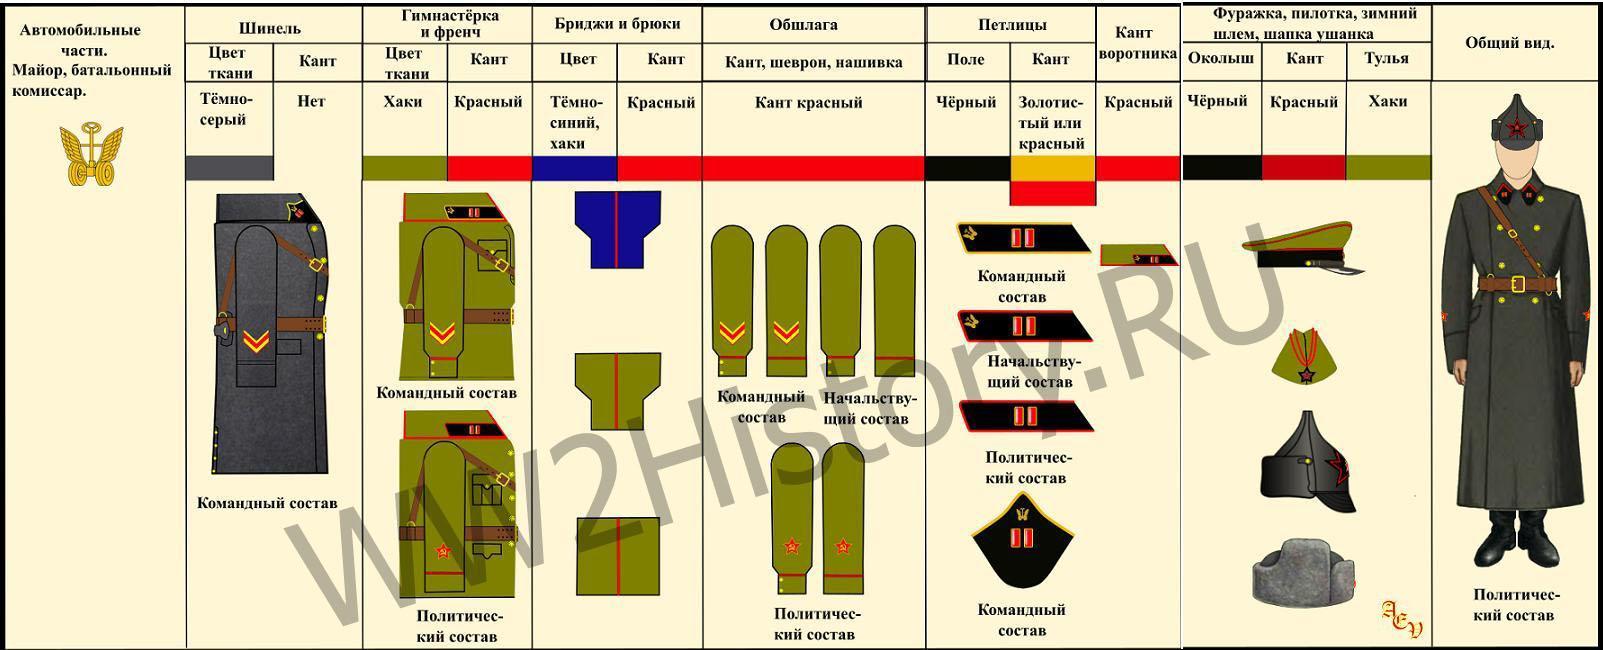 Таблица формы одежды командного, начальствующего и политического состава РККА на 22.6.1941 года 370e2395